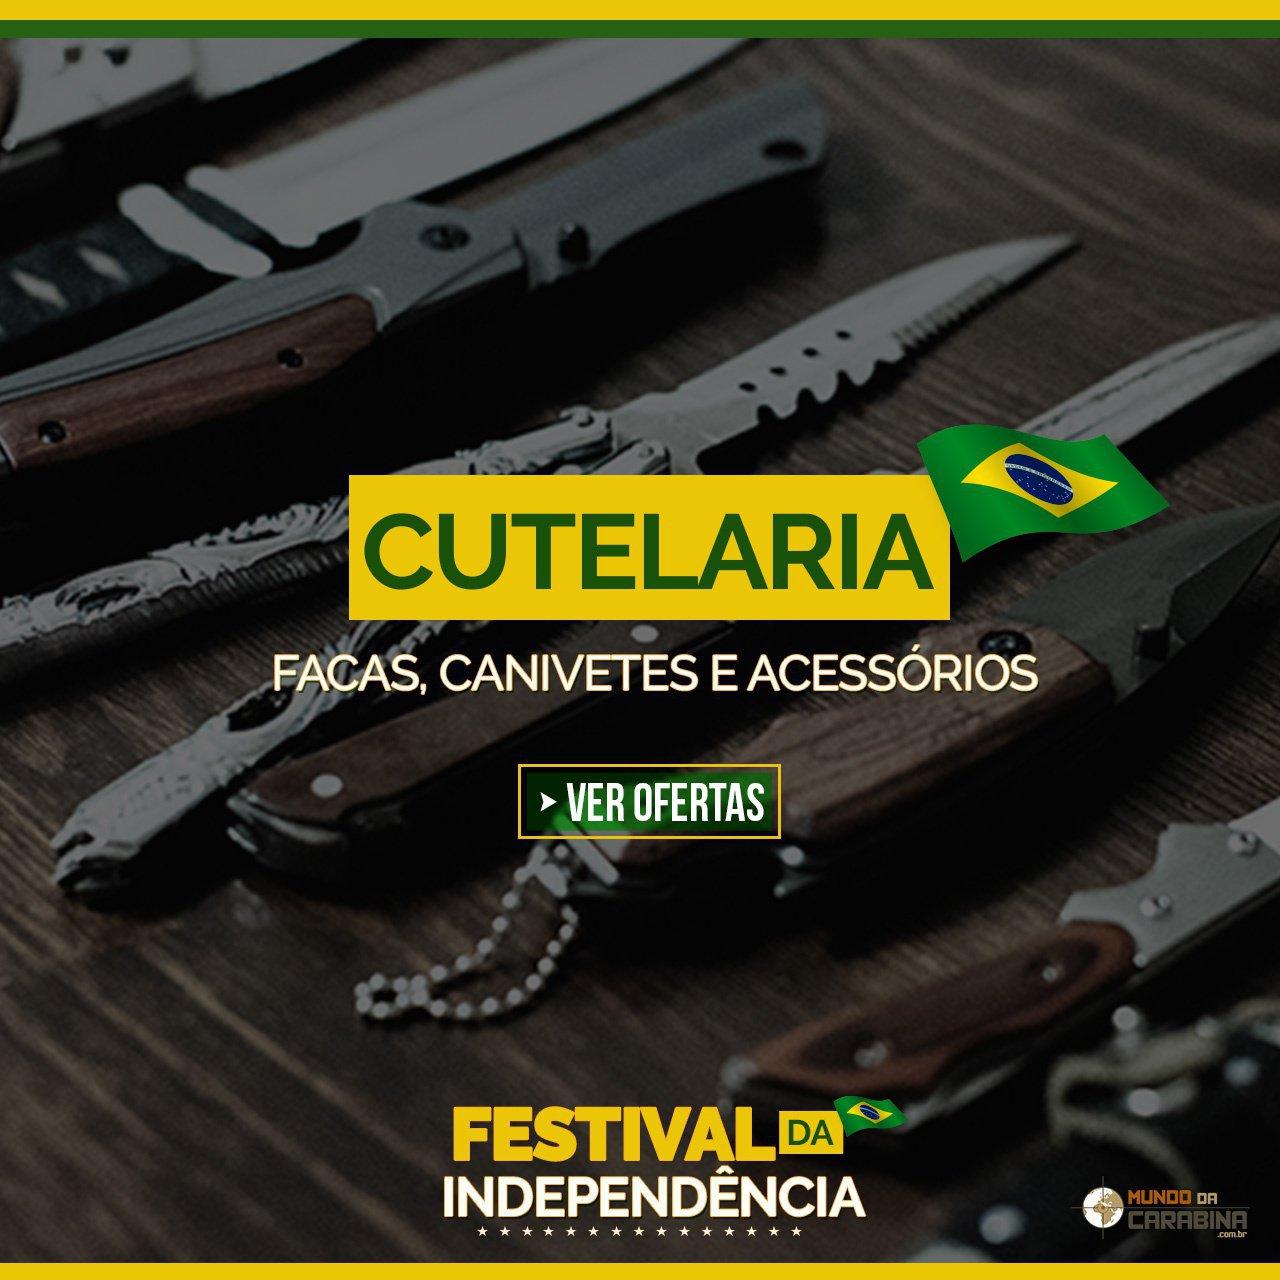 Cutelaria - Facas, Canivetes e Acessórios